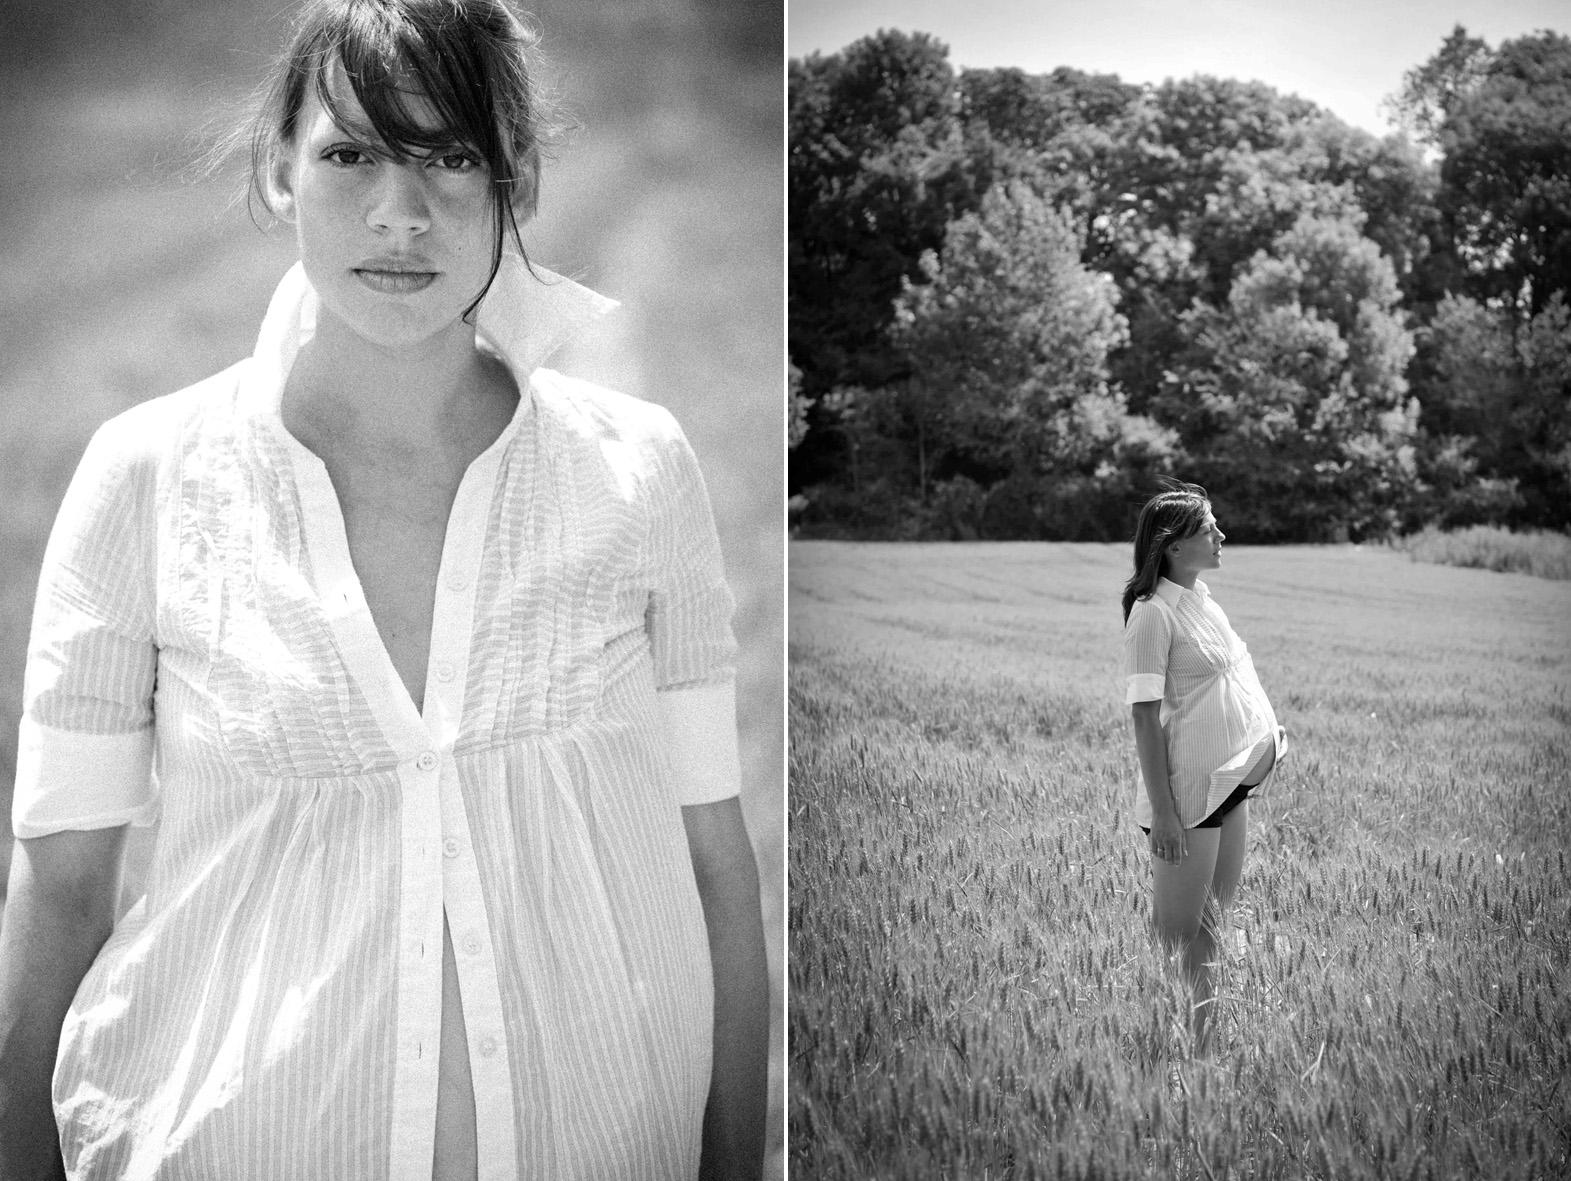 diptyque d'une femme enceinte dans un champ de blé